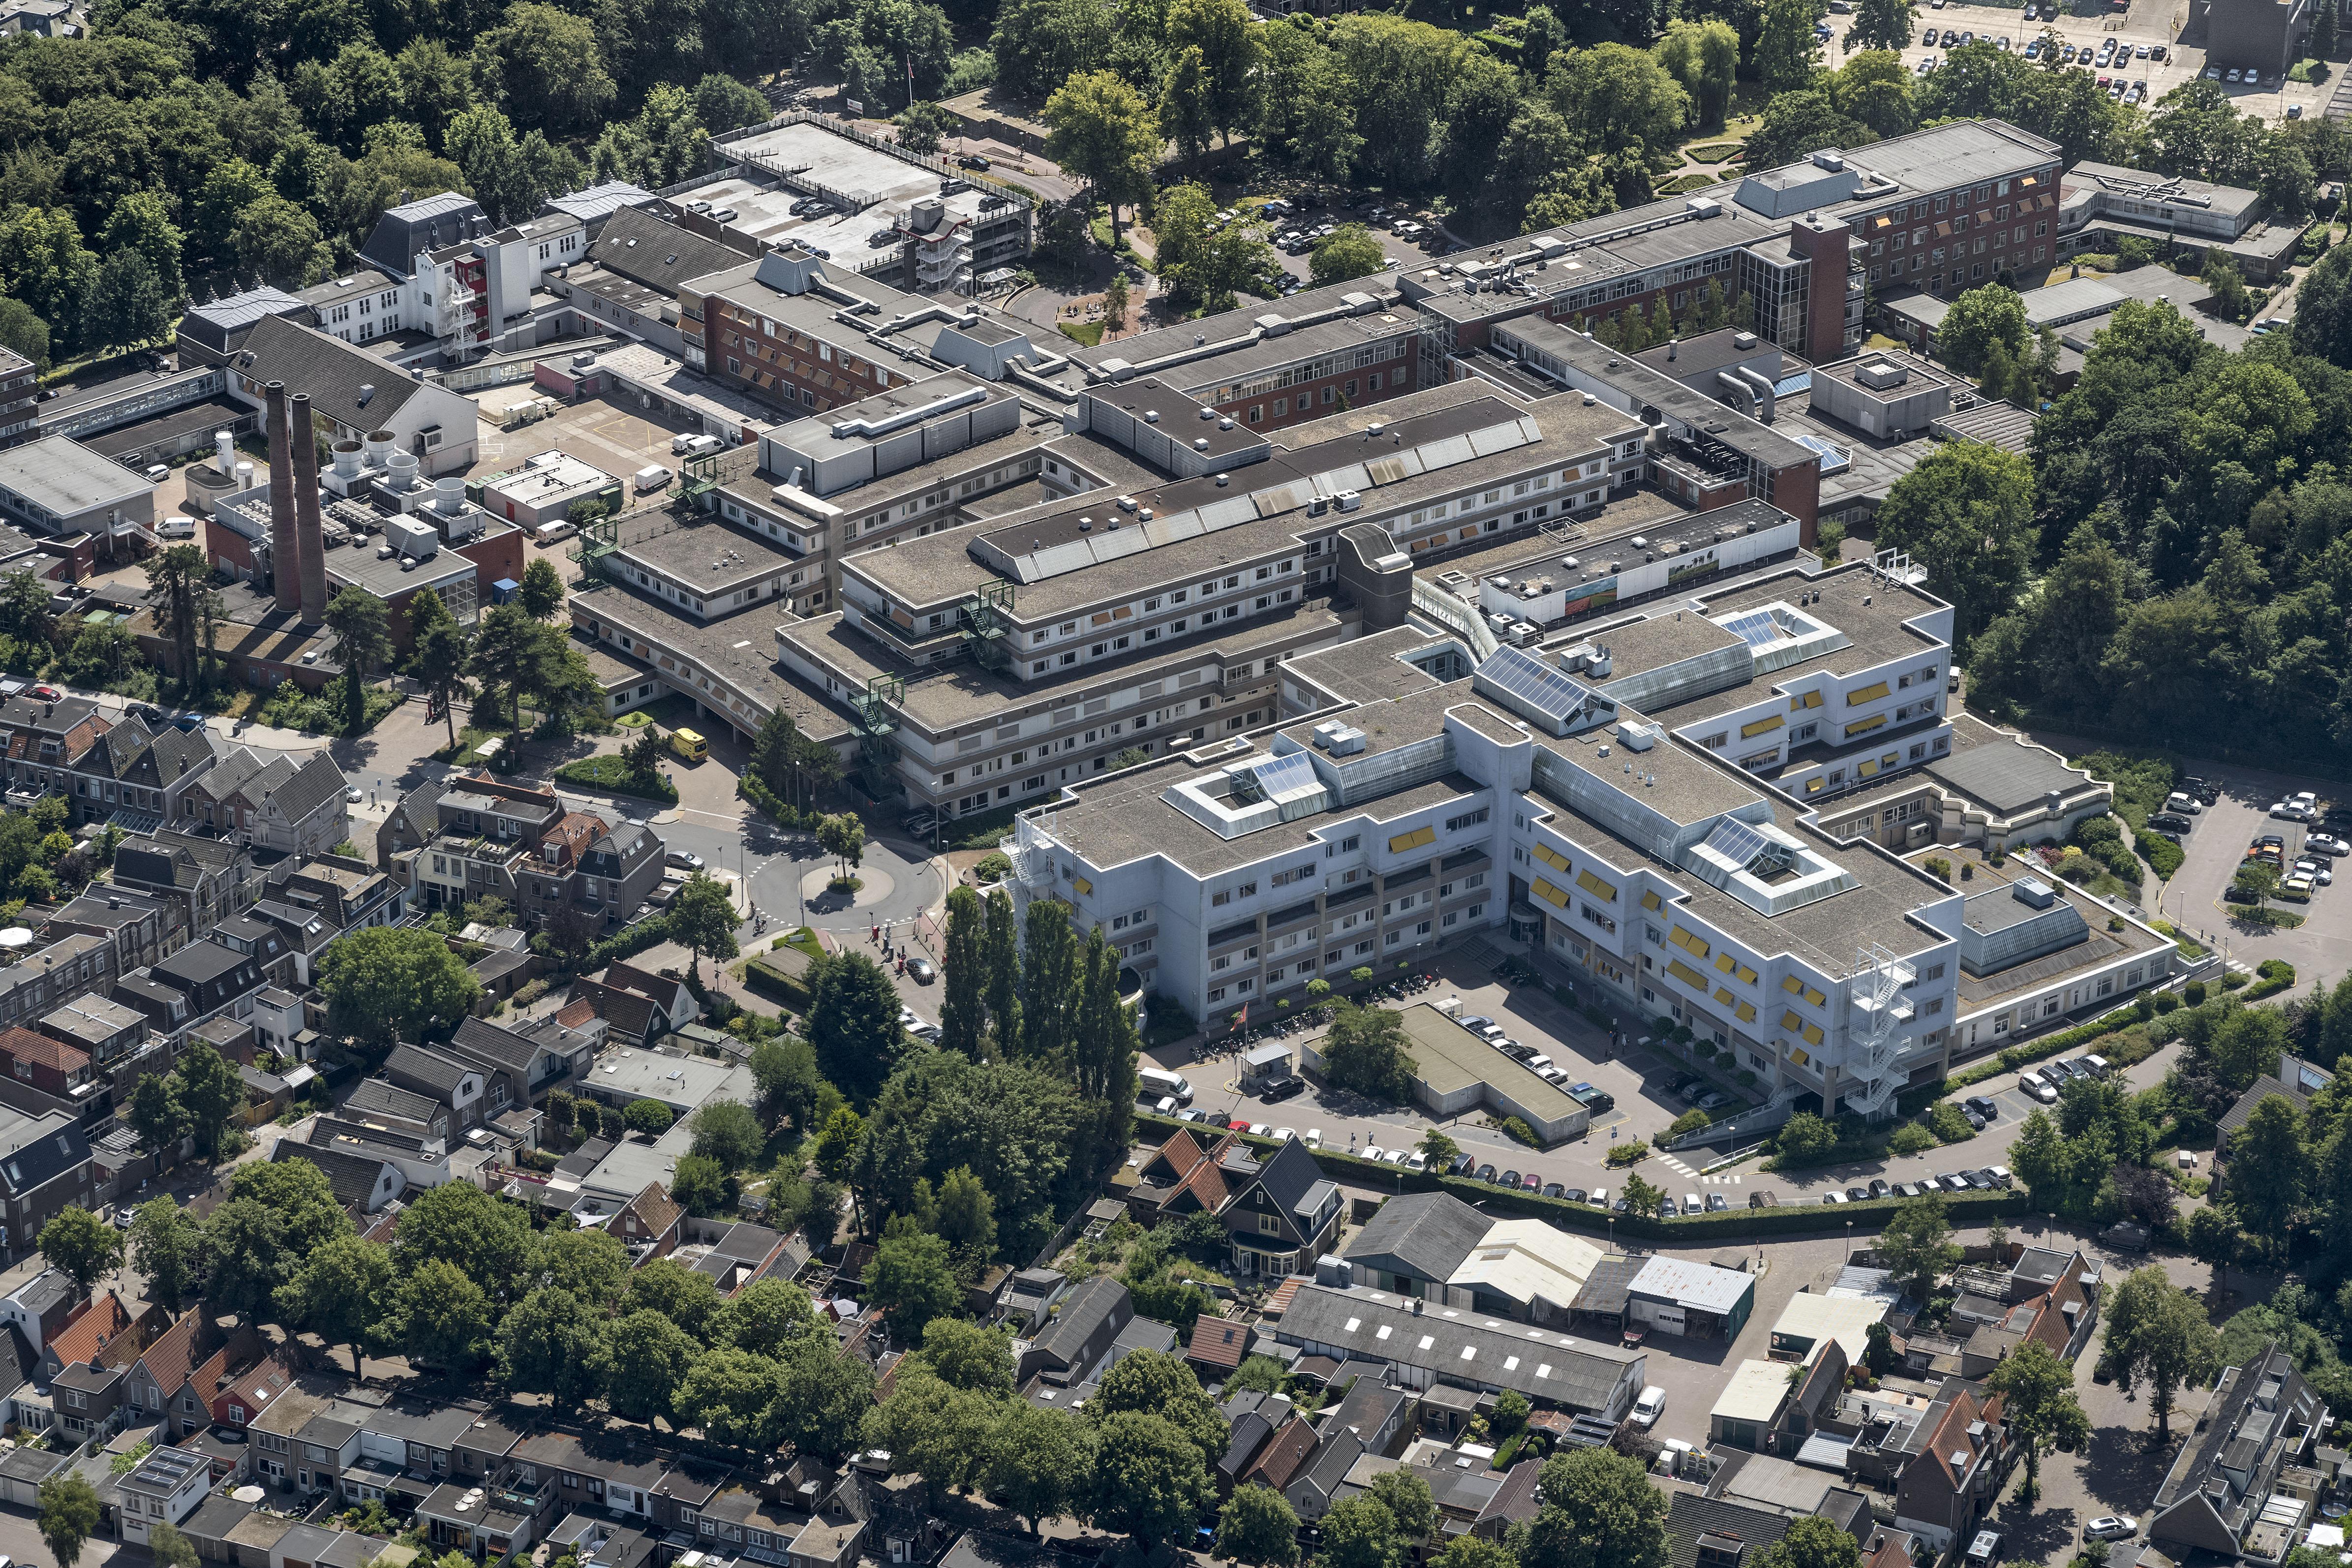 Noordwest Ziekenhuis behoort tot de beste ziekenhuizen van het land; leiding apetrots, maar 'het is nu niet het moment om de vlag uit te hangen'